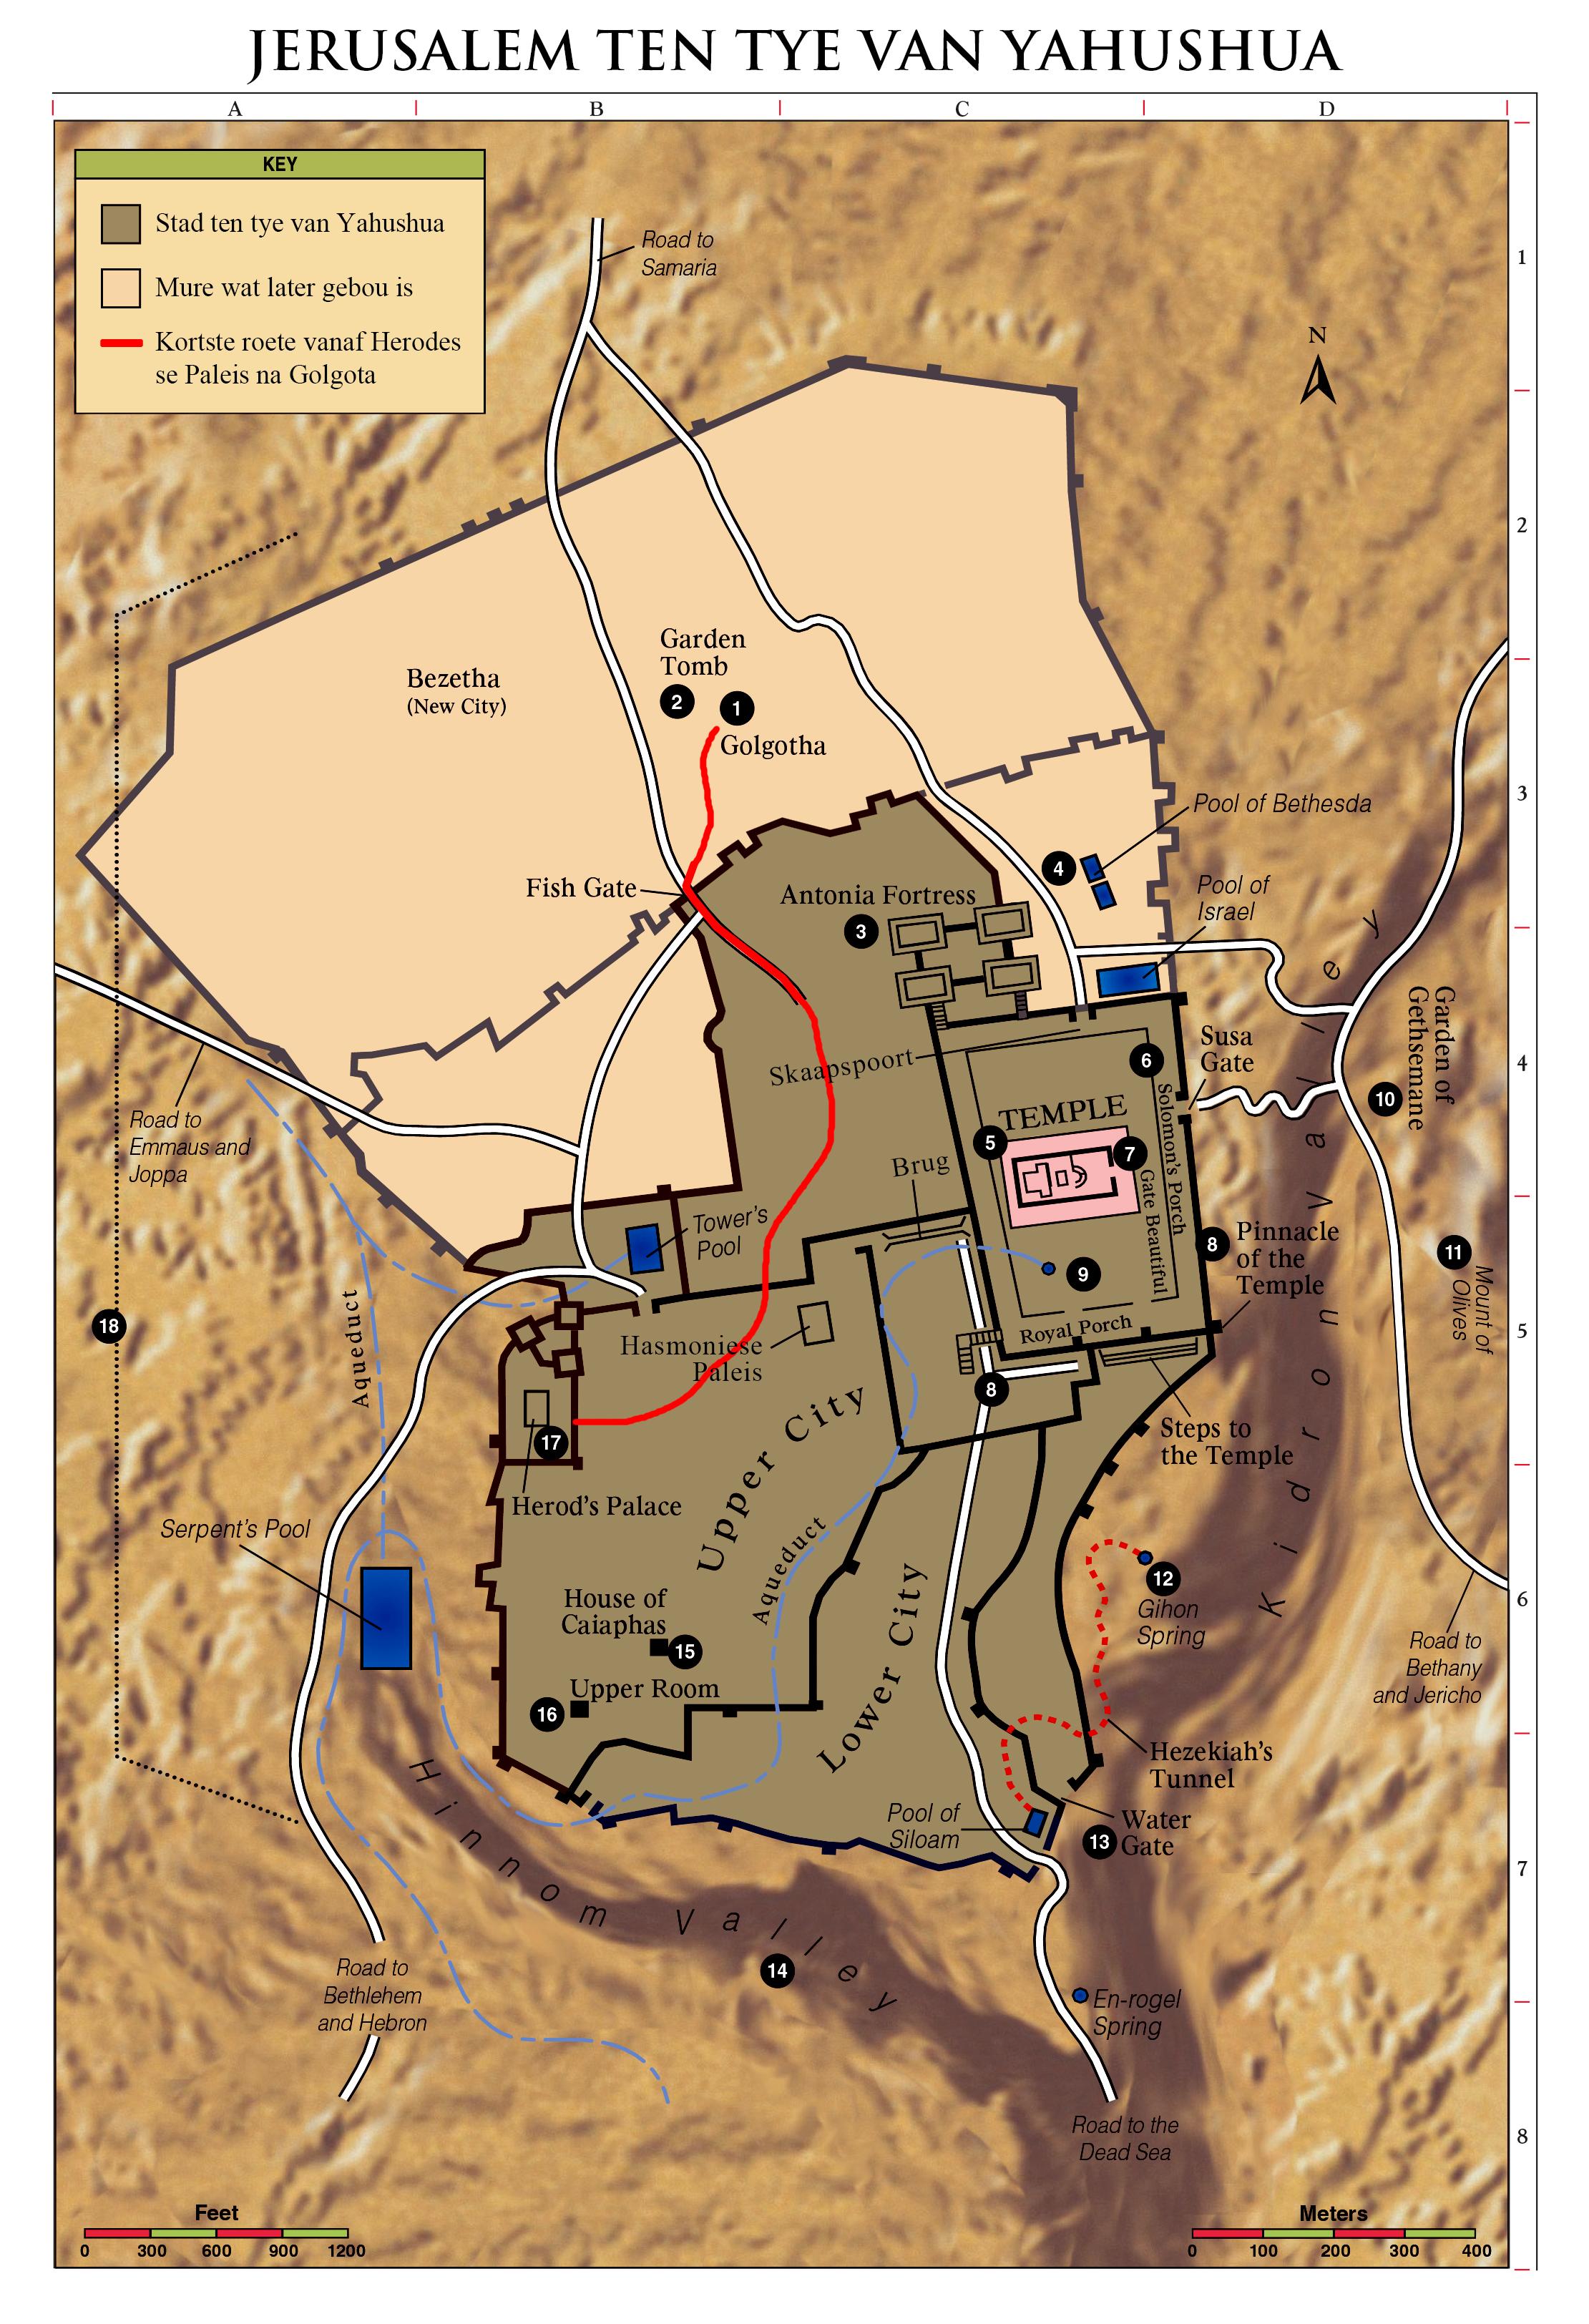 Direkte roete vanaf Herodes se Paleis na Golgota